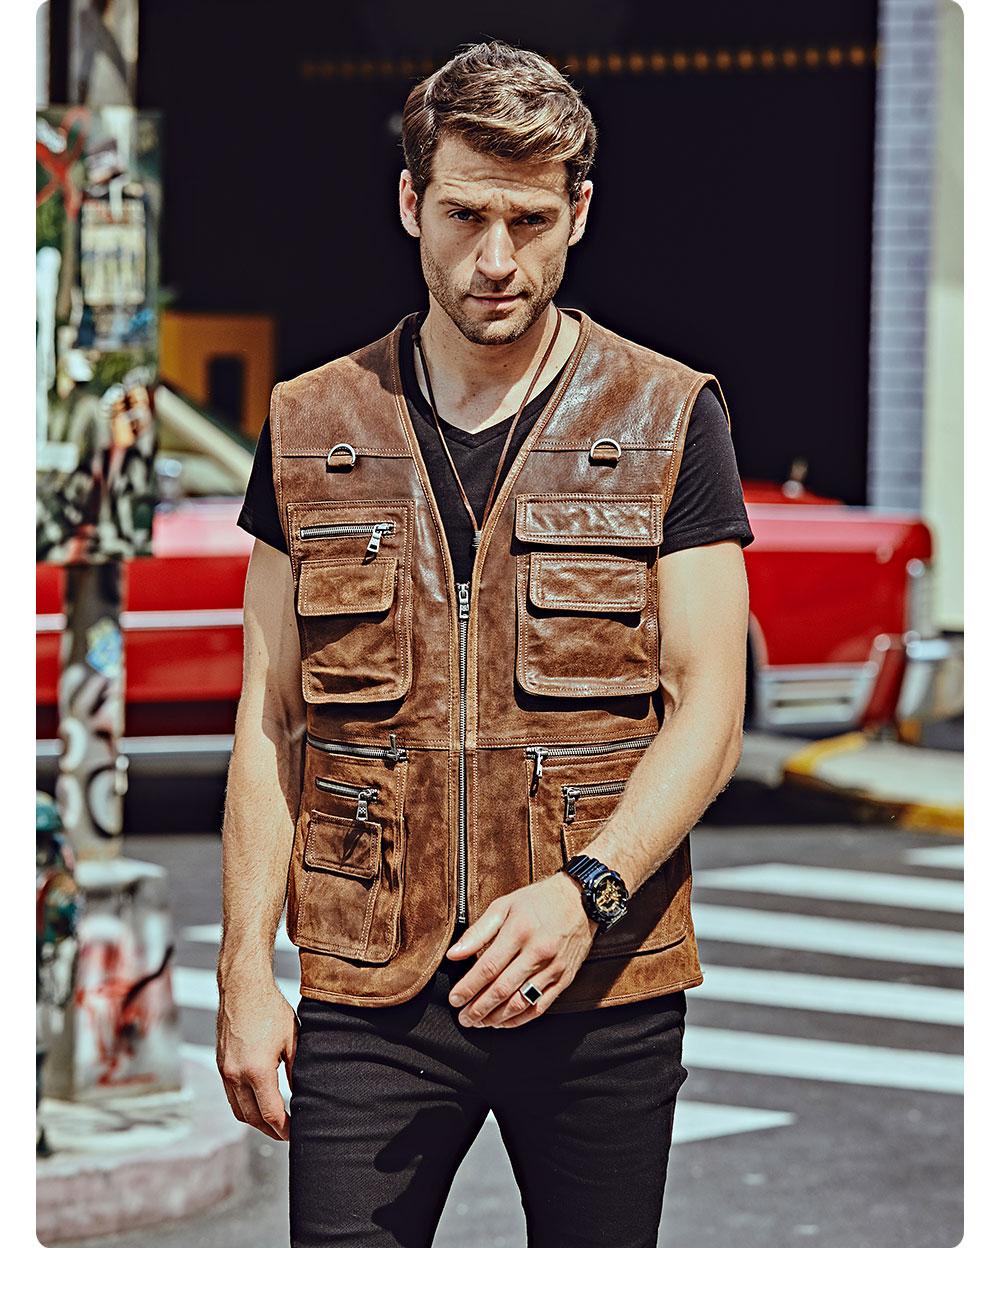 H904a1602bc9b4663adb49fe2a9d74af8S FLAVOR New Men's Real Leather Vest Men's Motorcycle Fishing Outdoor Travel Vests